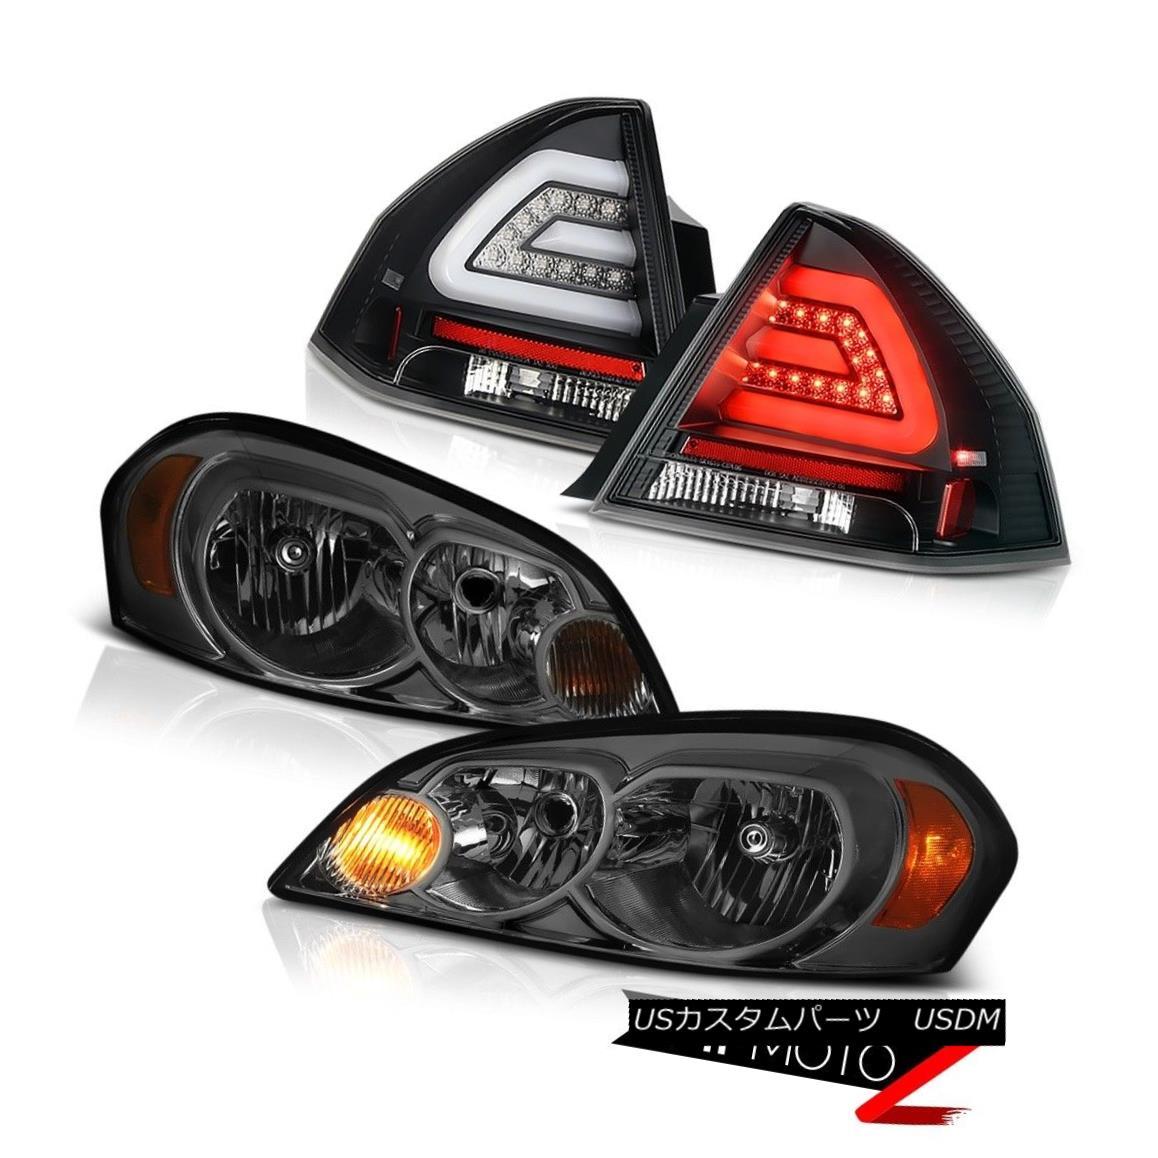 ヘッドライト 2006-2013 CHEVY IMPALA LT Raven black rear brake lamps titanium smoke headlights 2006-2013 CHEVY IMPALA LTレッド・ブラックリア・ブレーキ・ランプチタン・スモーク・ヘッドライト